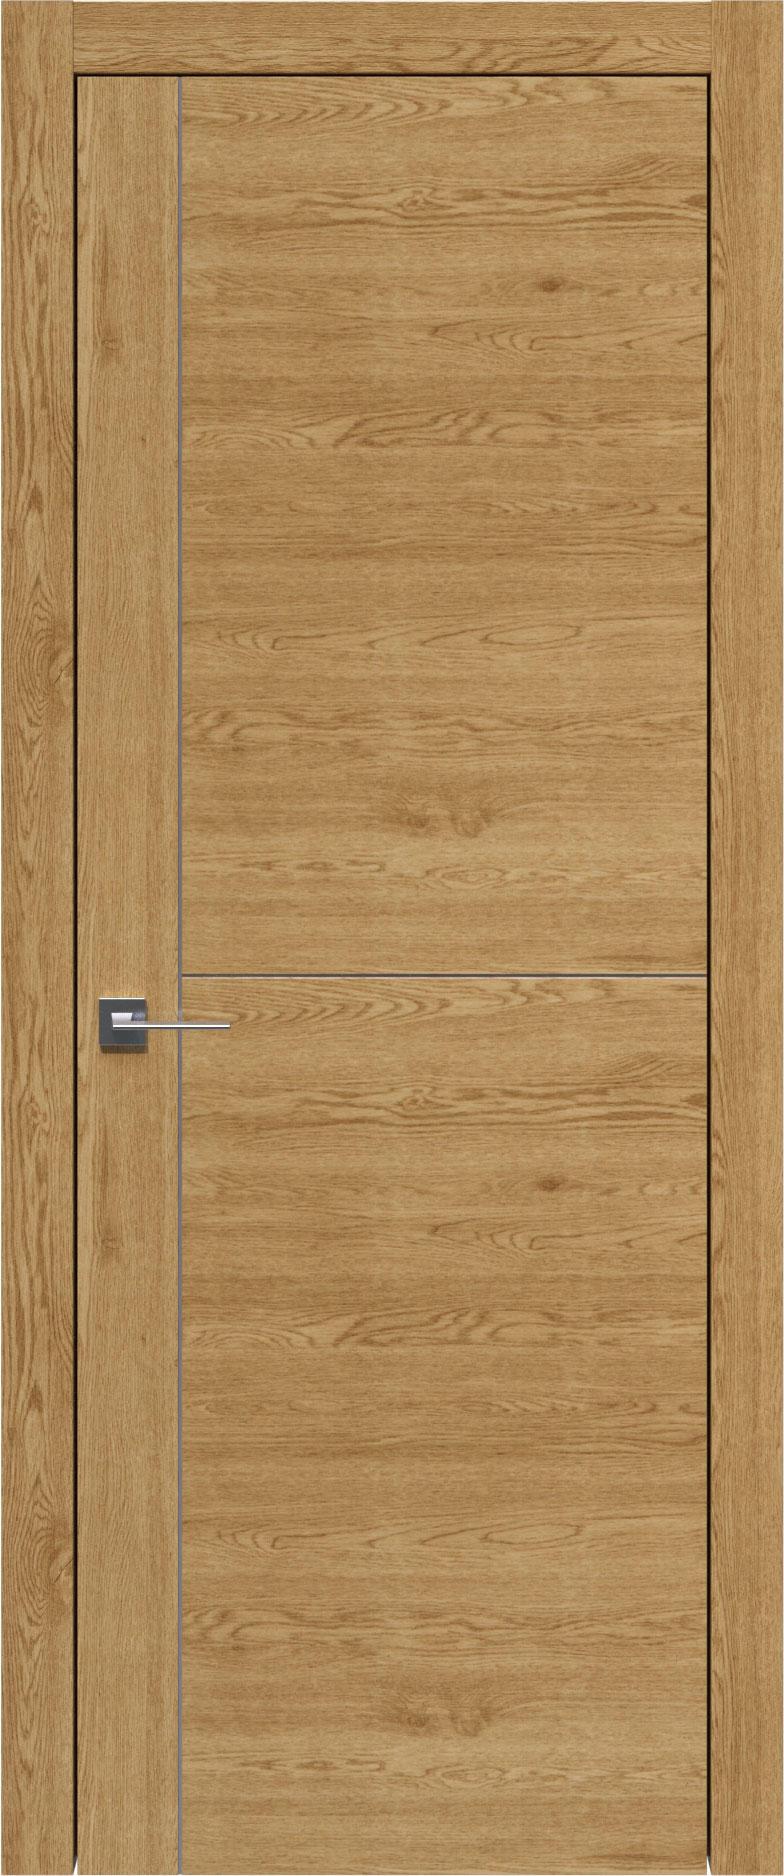 Tivoli Е-3 цвет - Дуб натуральный Без стекла (ДГ)